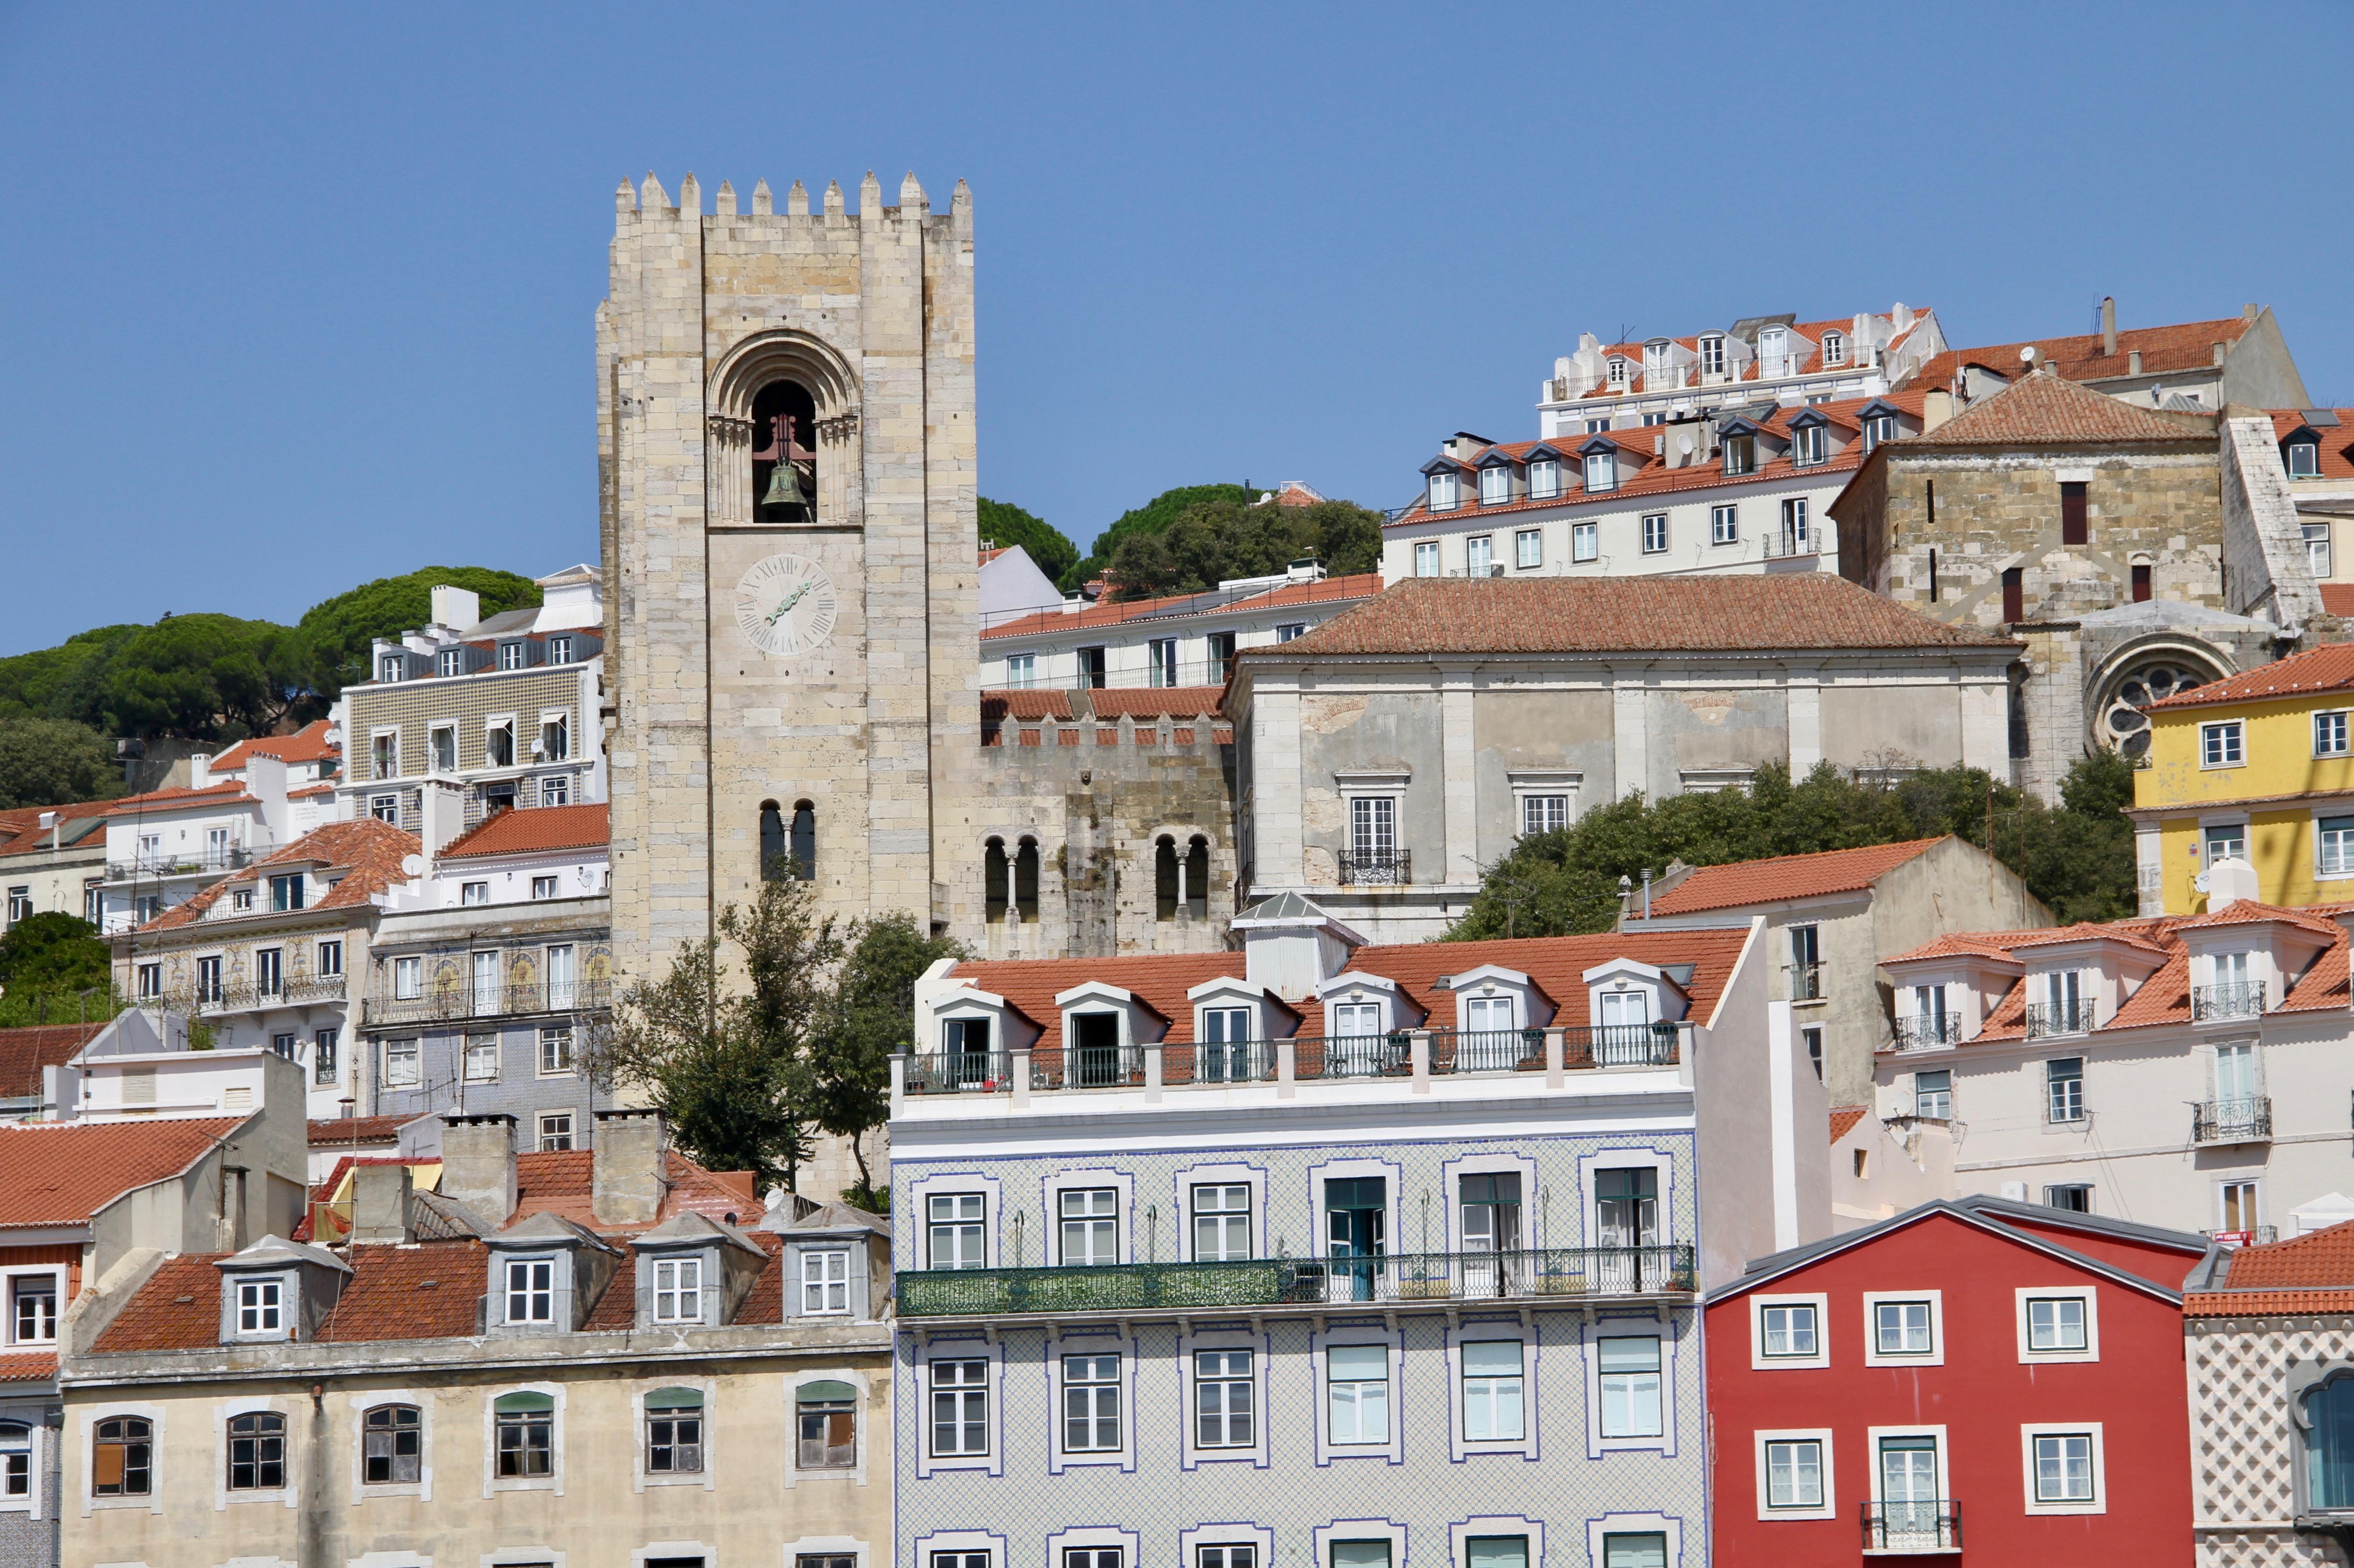 Vista do centro de Lisboa, Portugal, com edifícios residenciais e uma vista lateral da Catedral de Lisboa no domingo, 15 de setembro de 2019.